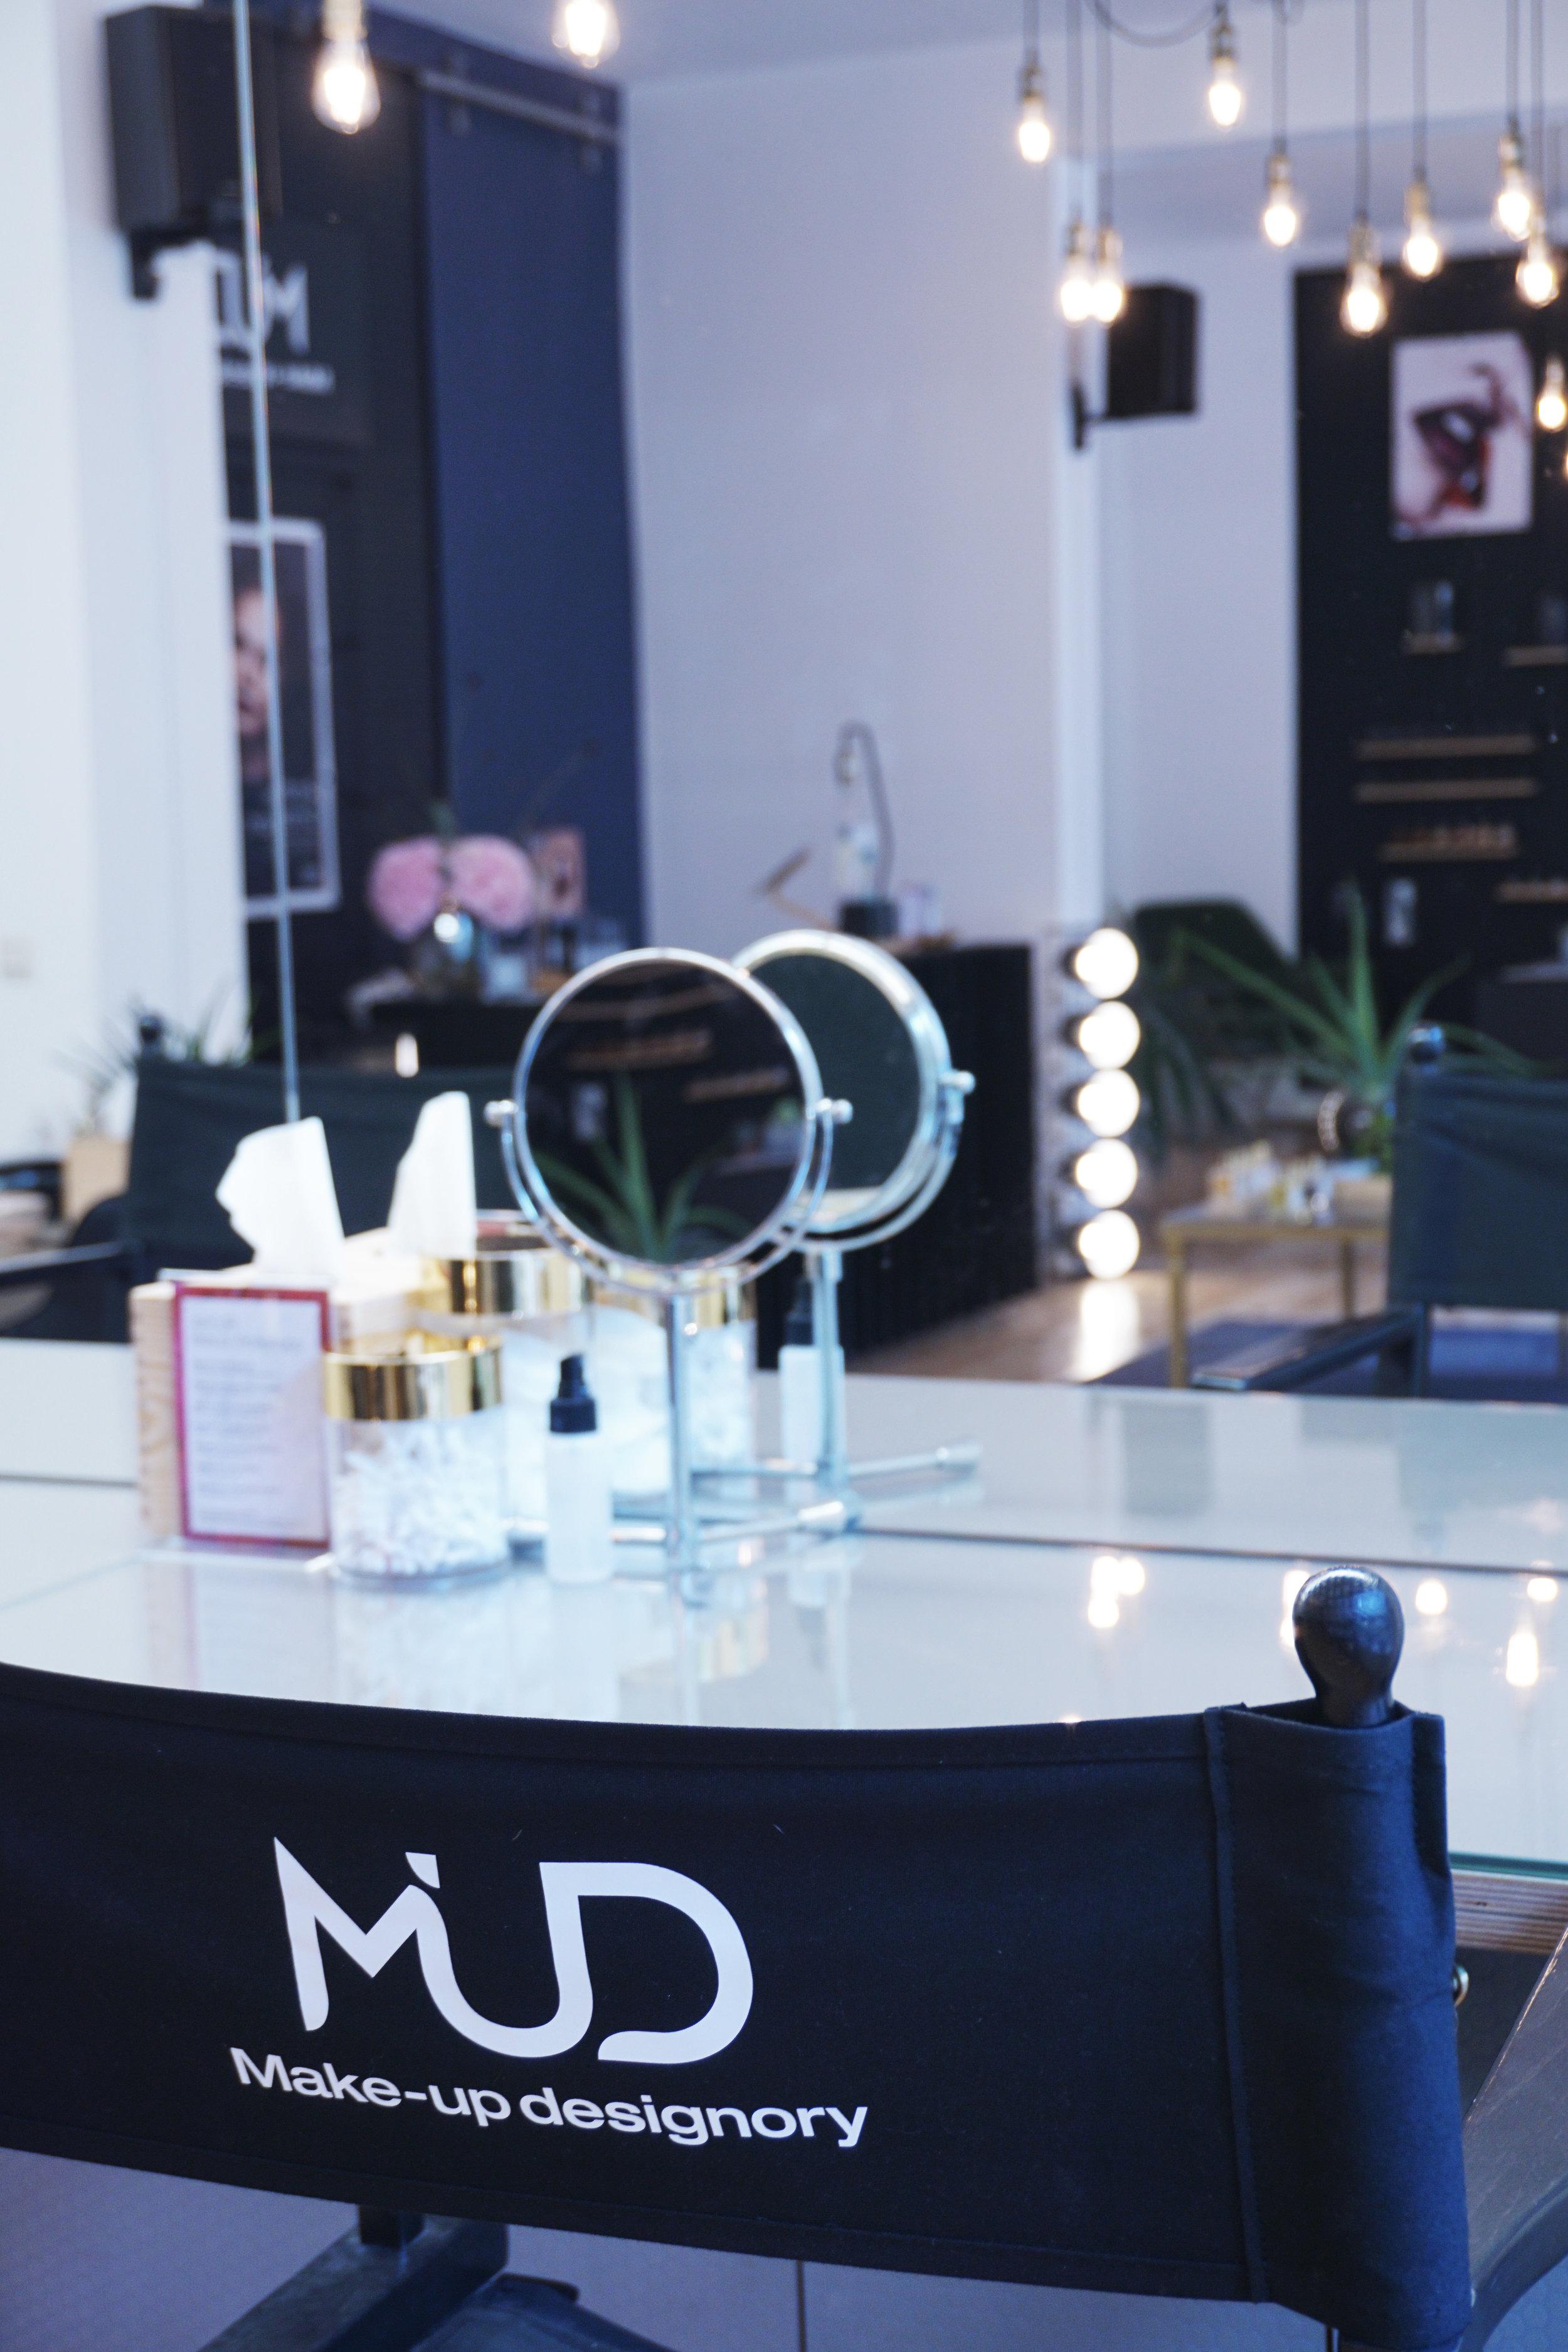 Makeupstation_MudStudio_berlin